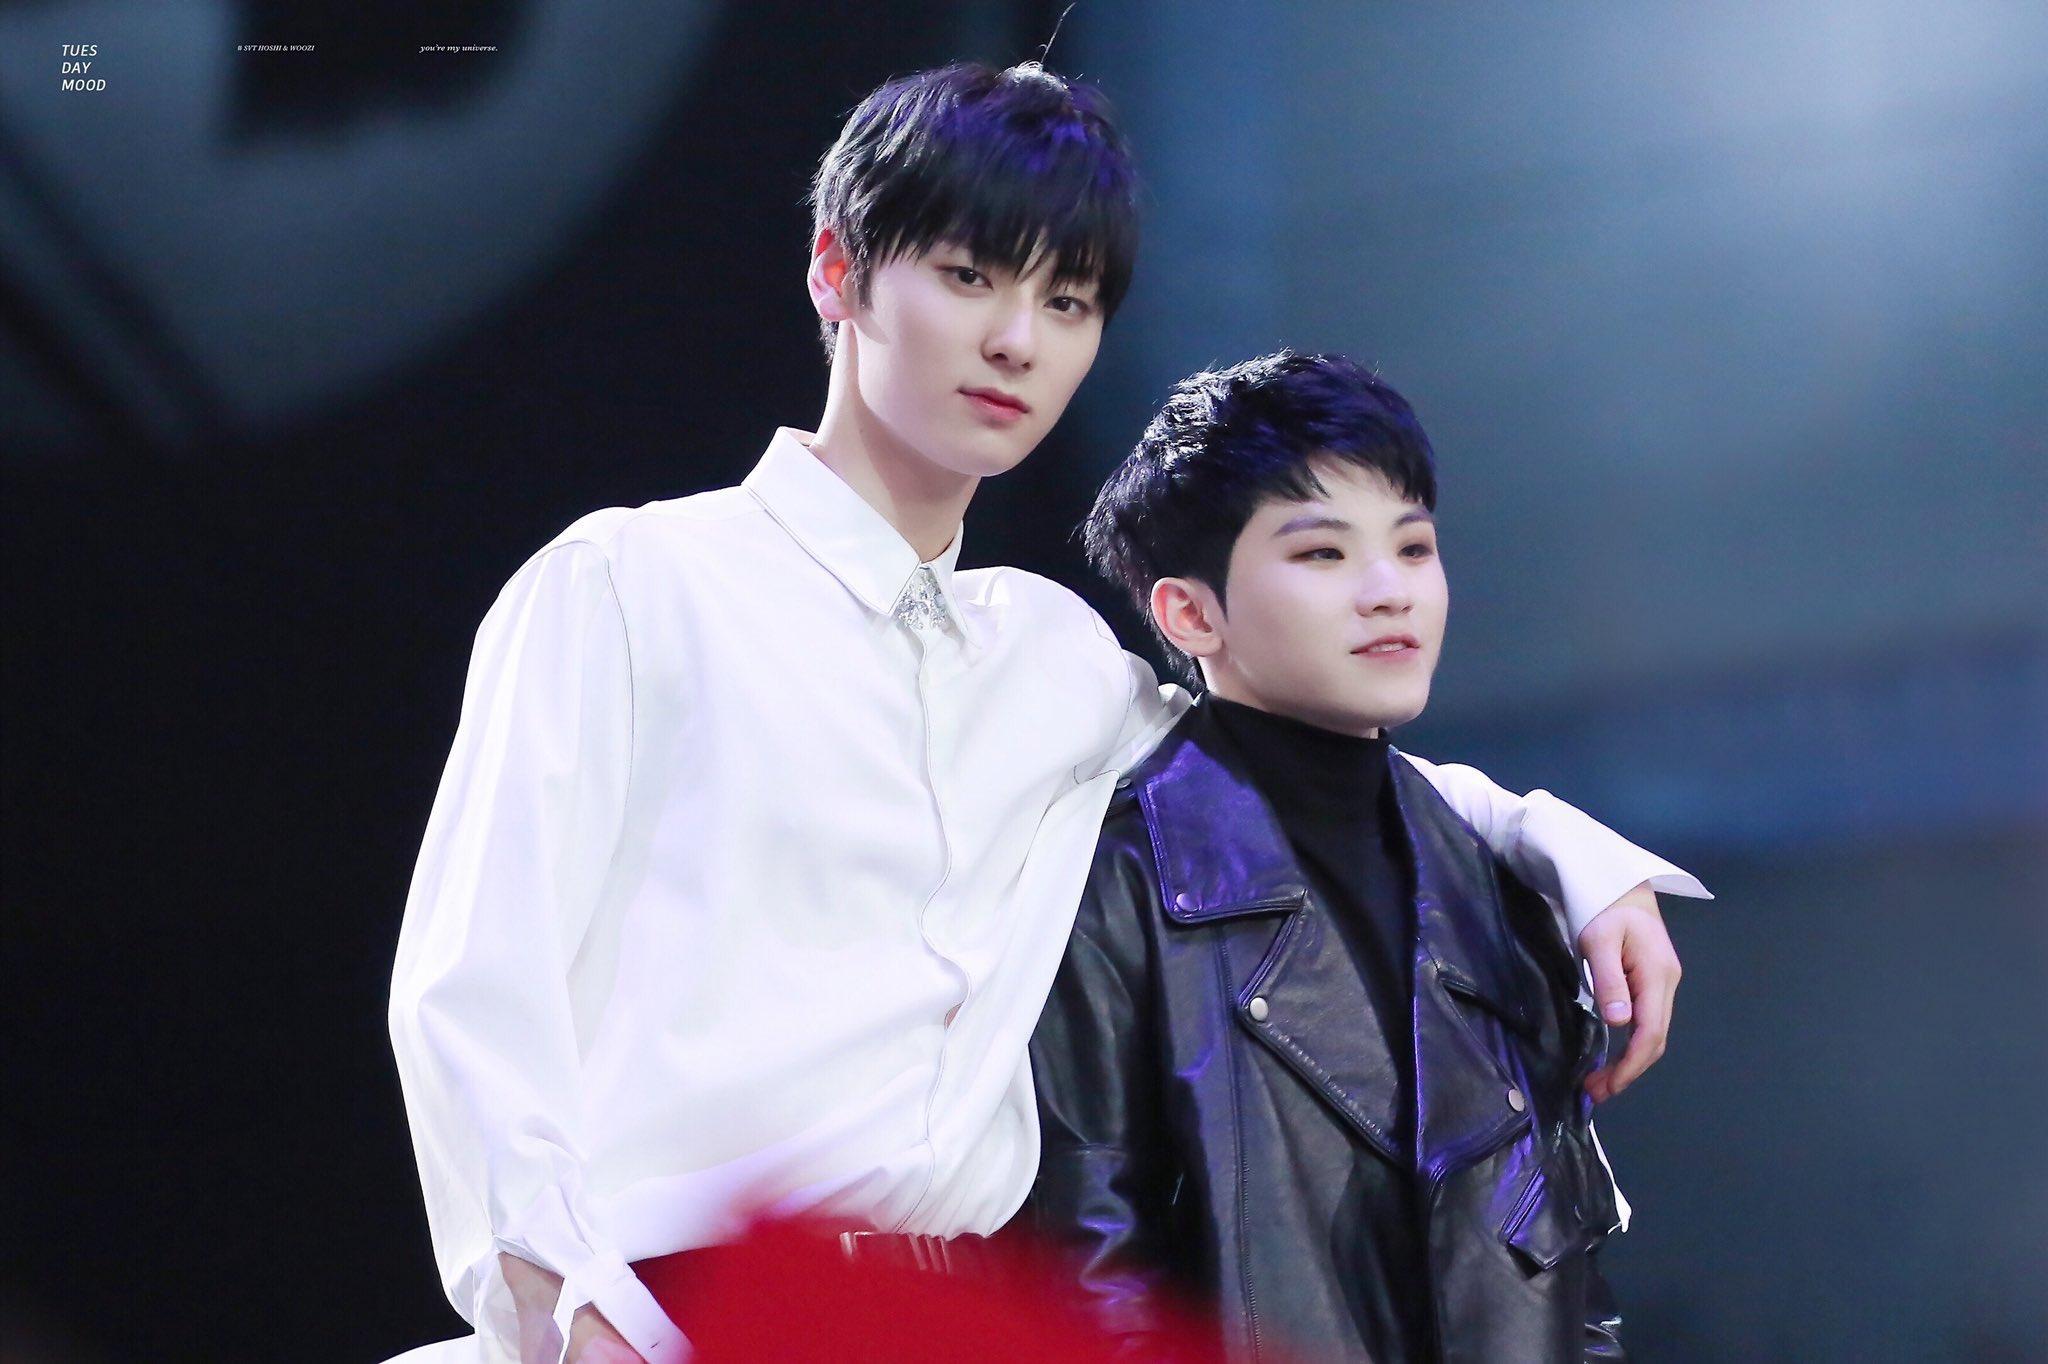 Hwang MinHyun And WooZi Are Cool Pledis Boys At MAMA 2018